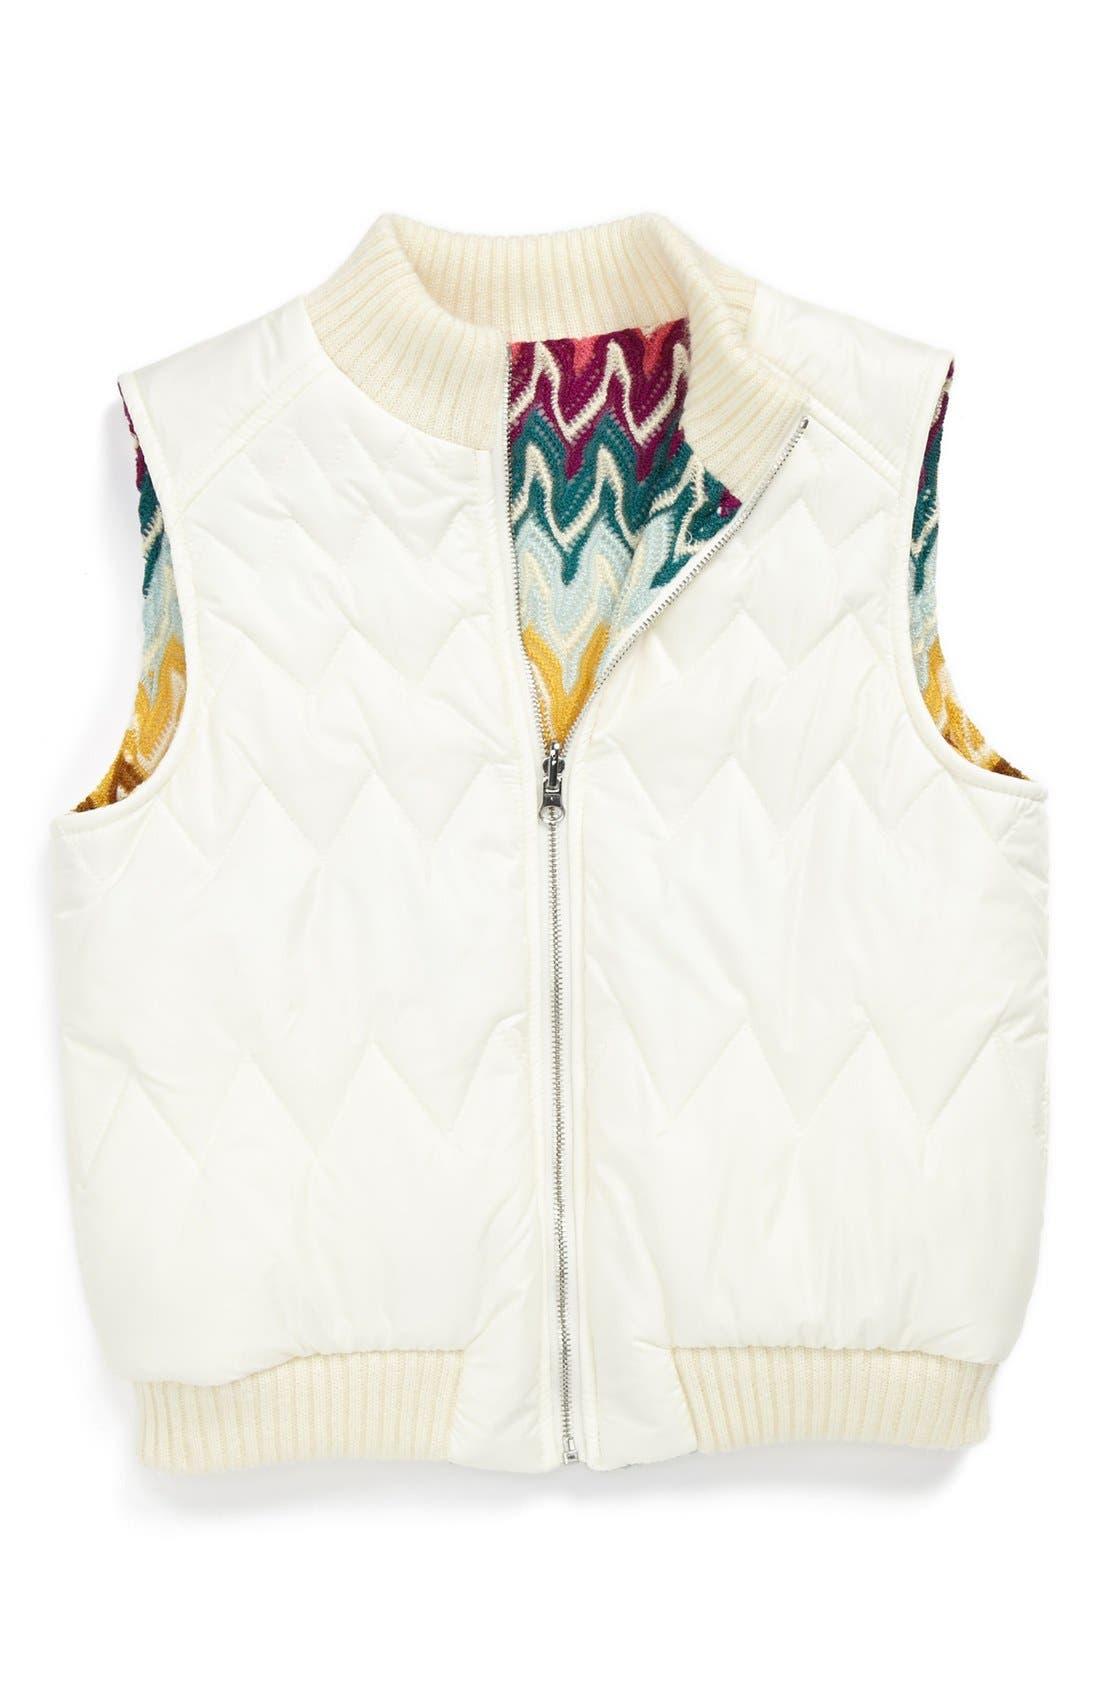 Alternate Image 1 Selected - Missoni Reversible Vest (Toddler Girls, Little Girls & Big Girls)